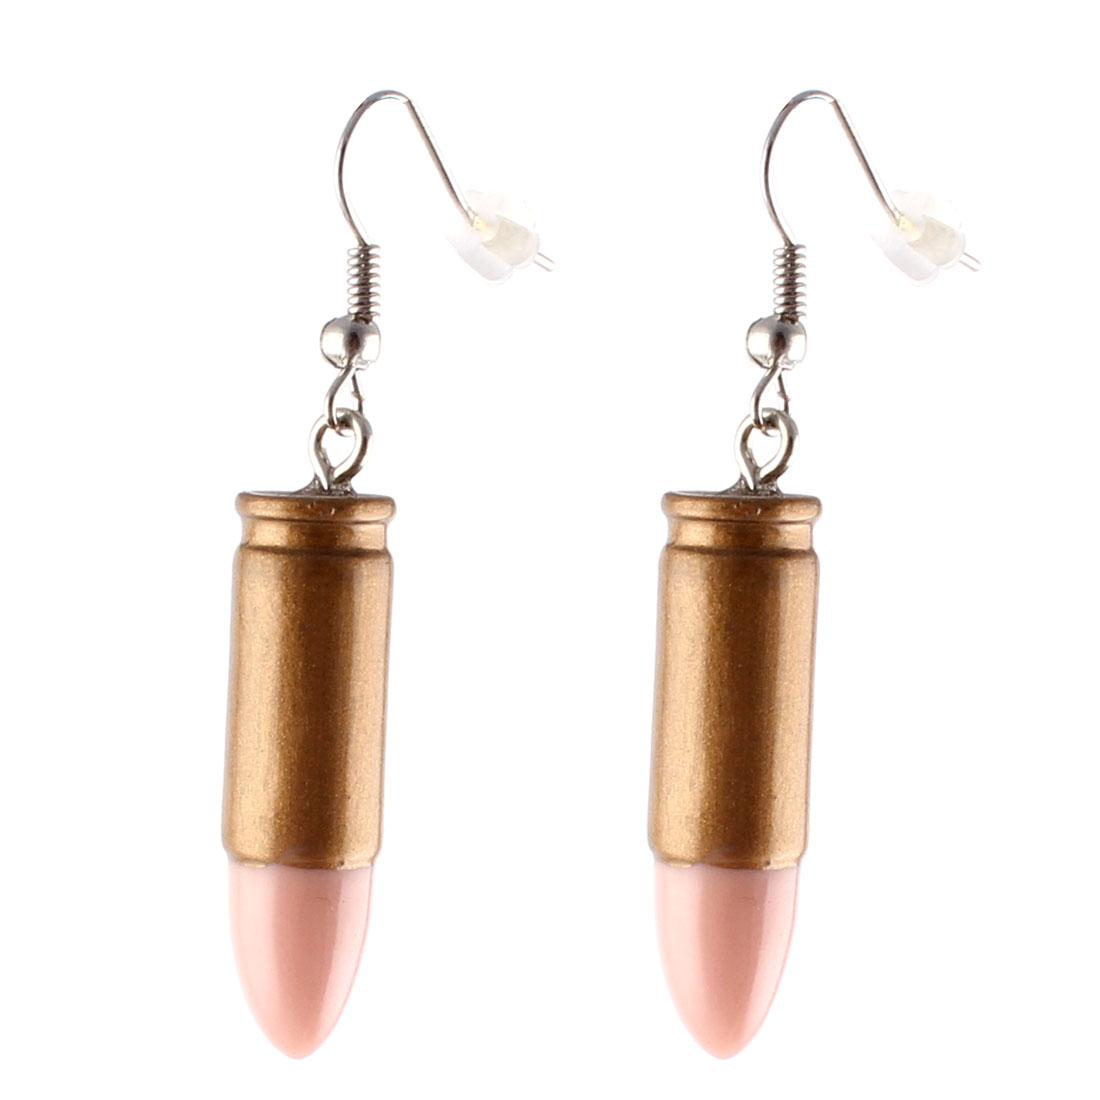 Pair Bronze Tone Plastic Pendant Dangling Fish Hook Ear Drops Earrings Eardrops